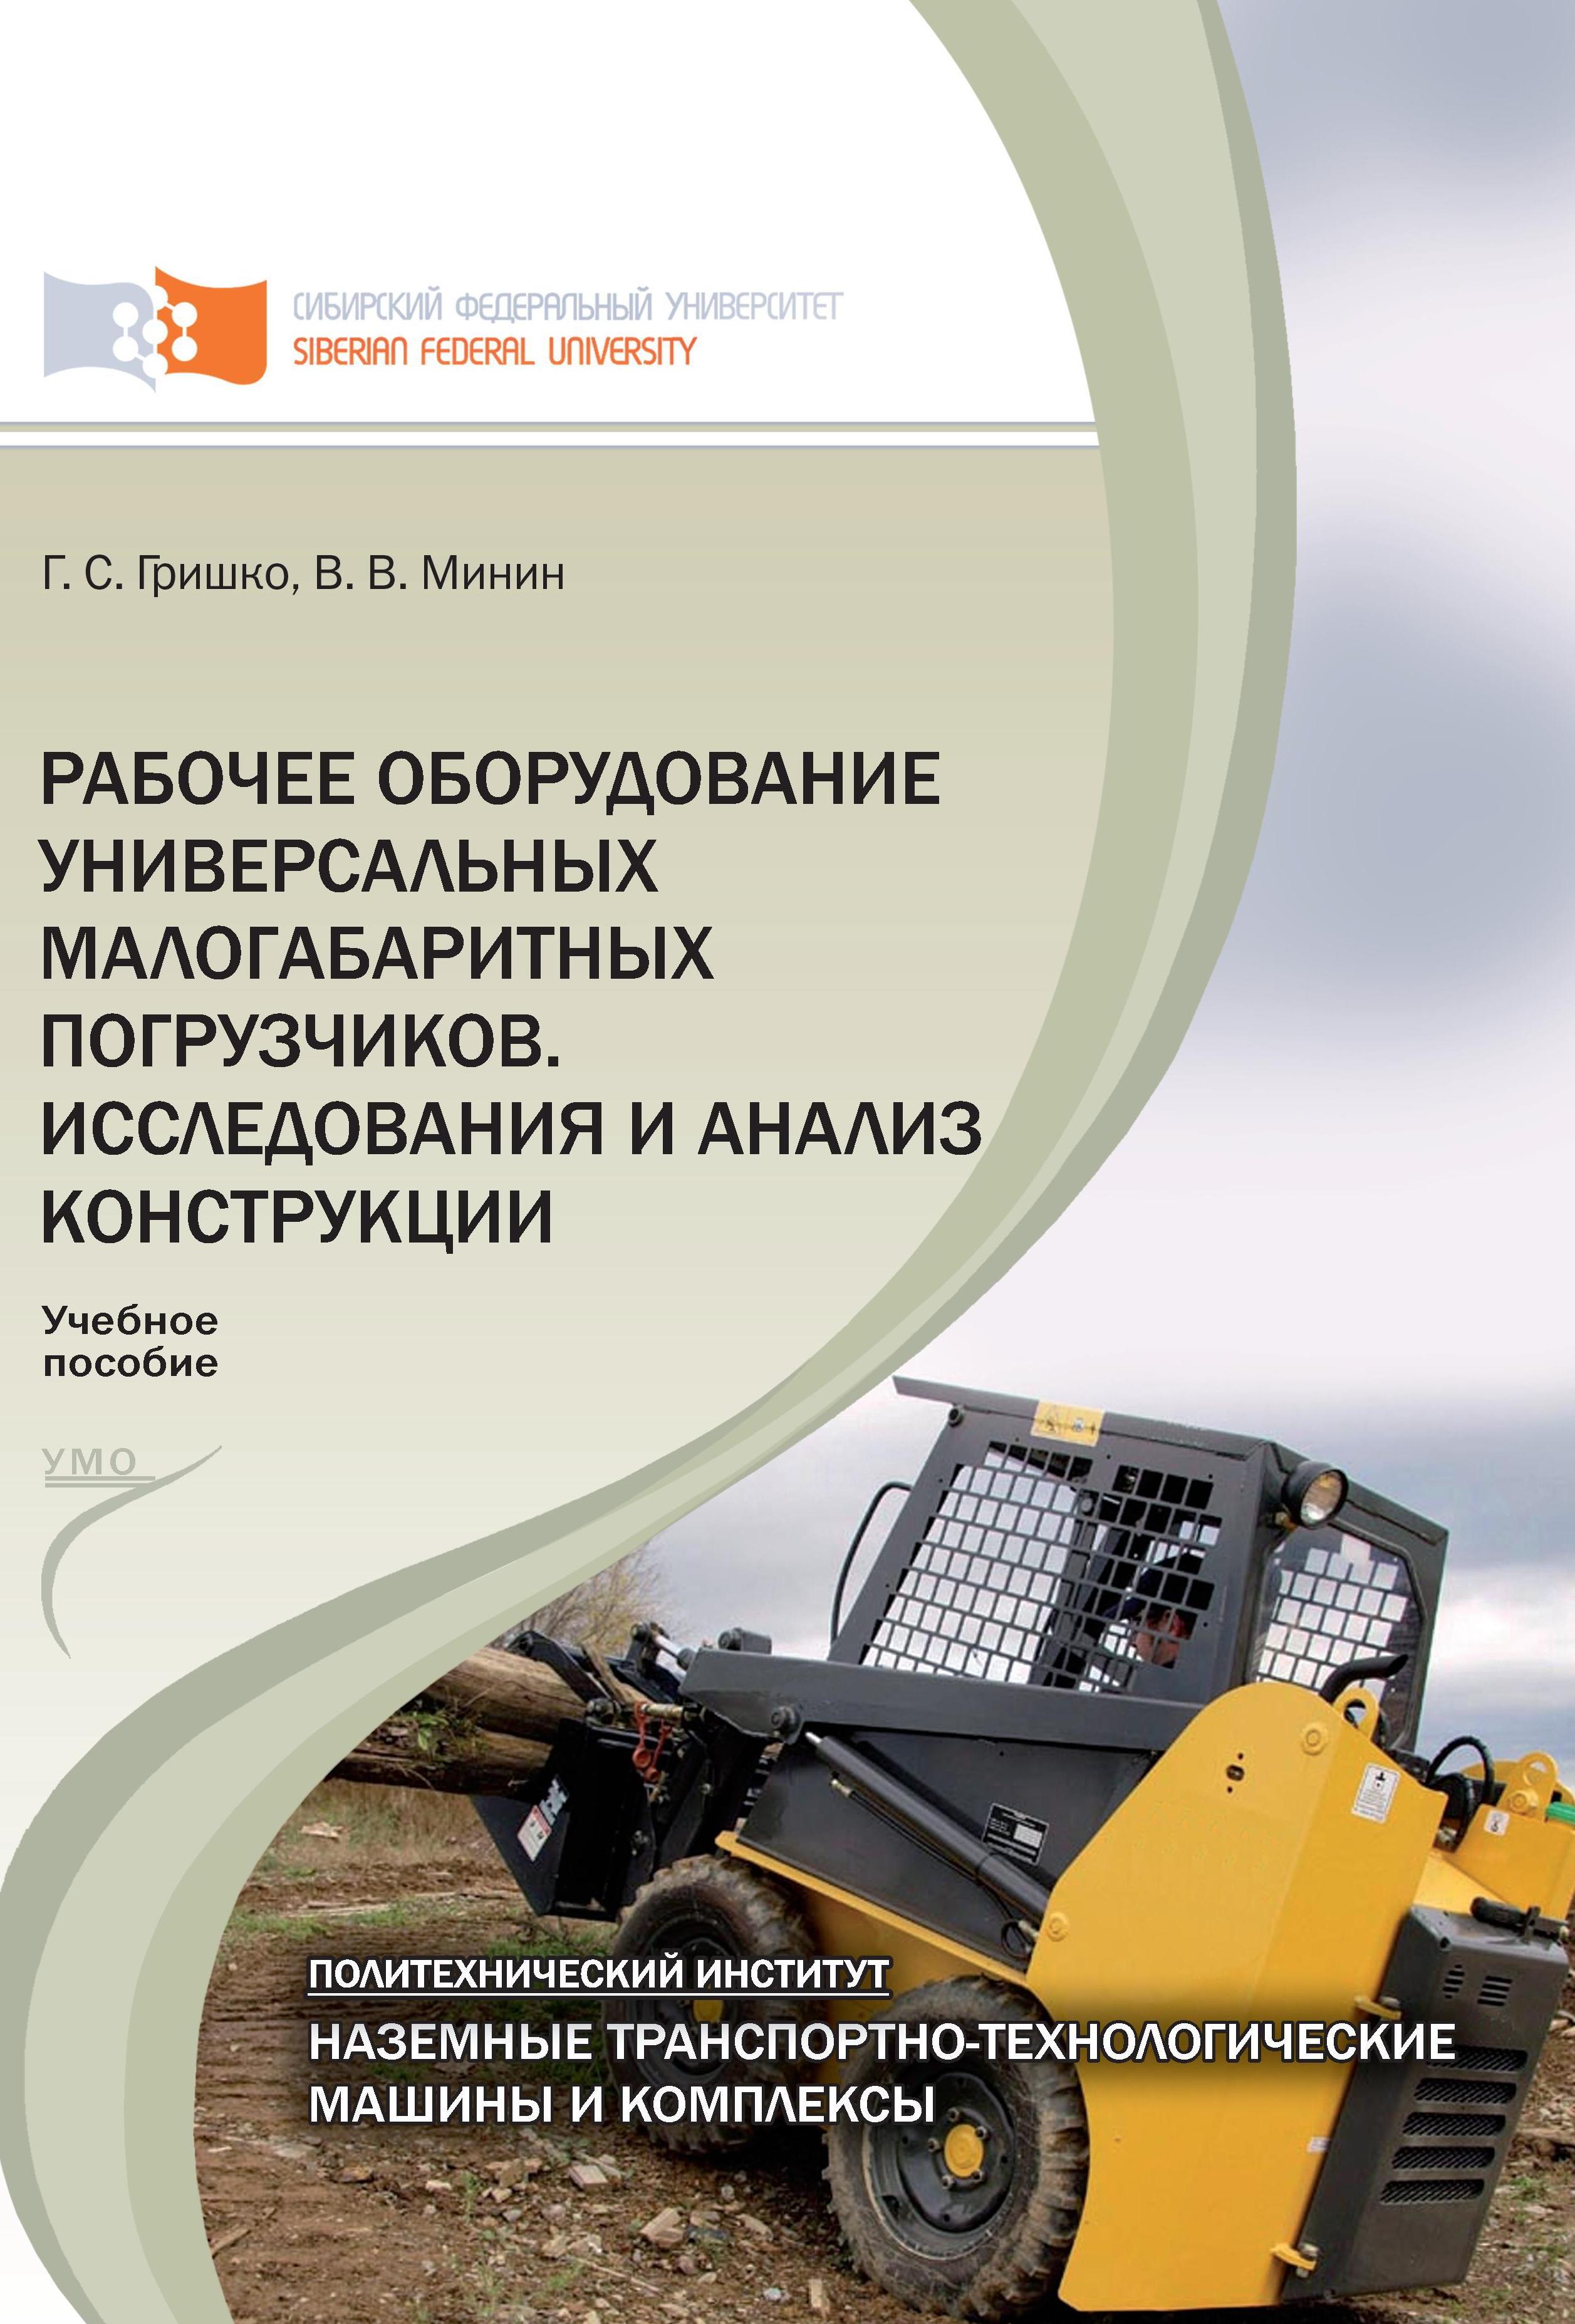 Григорий Гришко Рабочее оборудование универсальных малогабаритных погрузчиков. Исследования и анализ конструкций